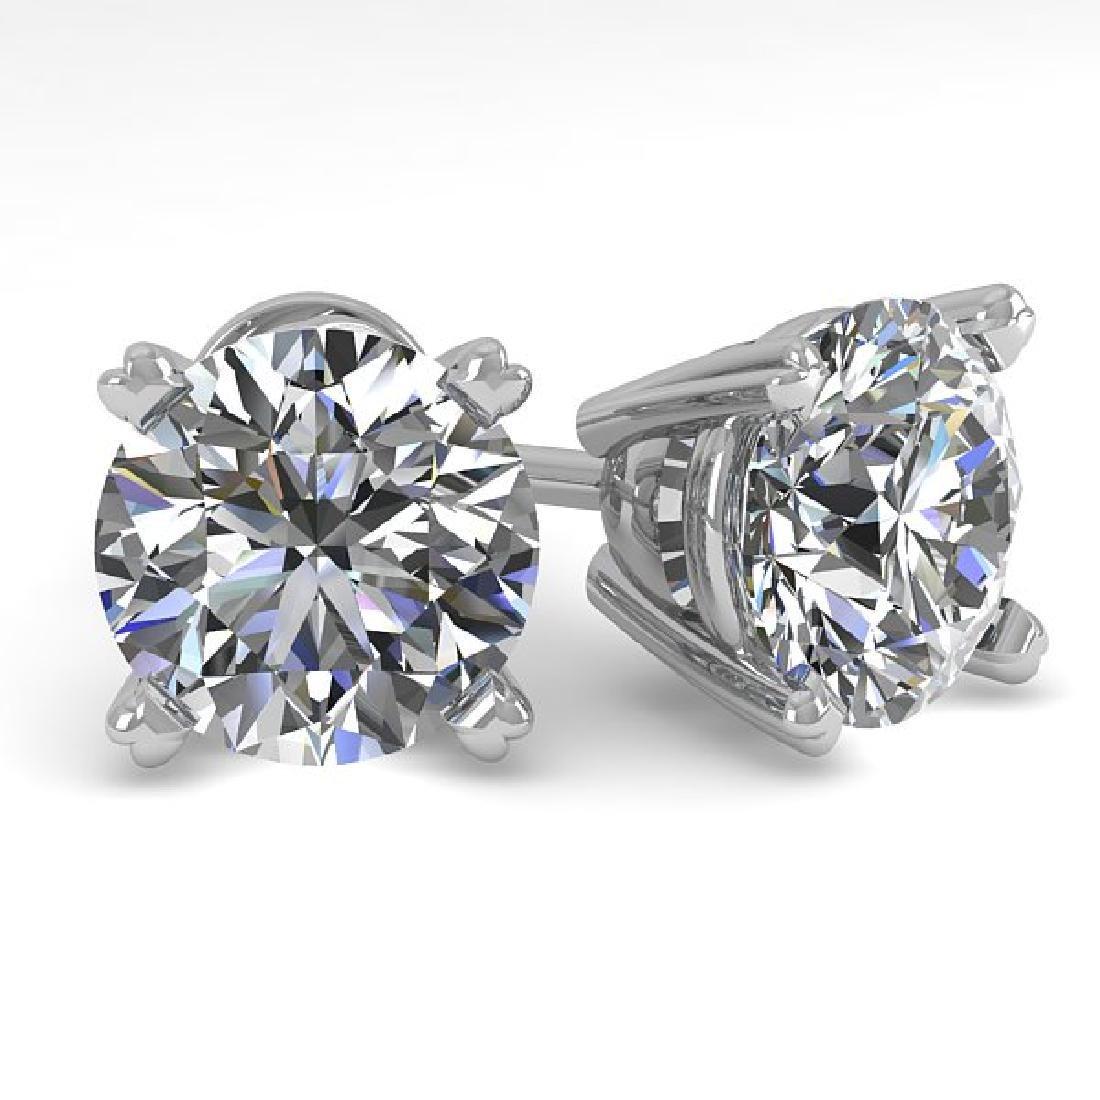 2.50 CTW Certified VS/SI Diamond Stud Earrings 14K